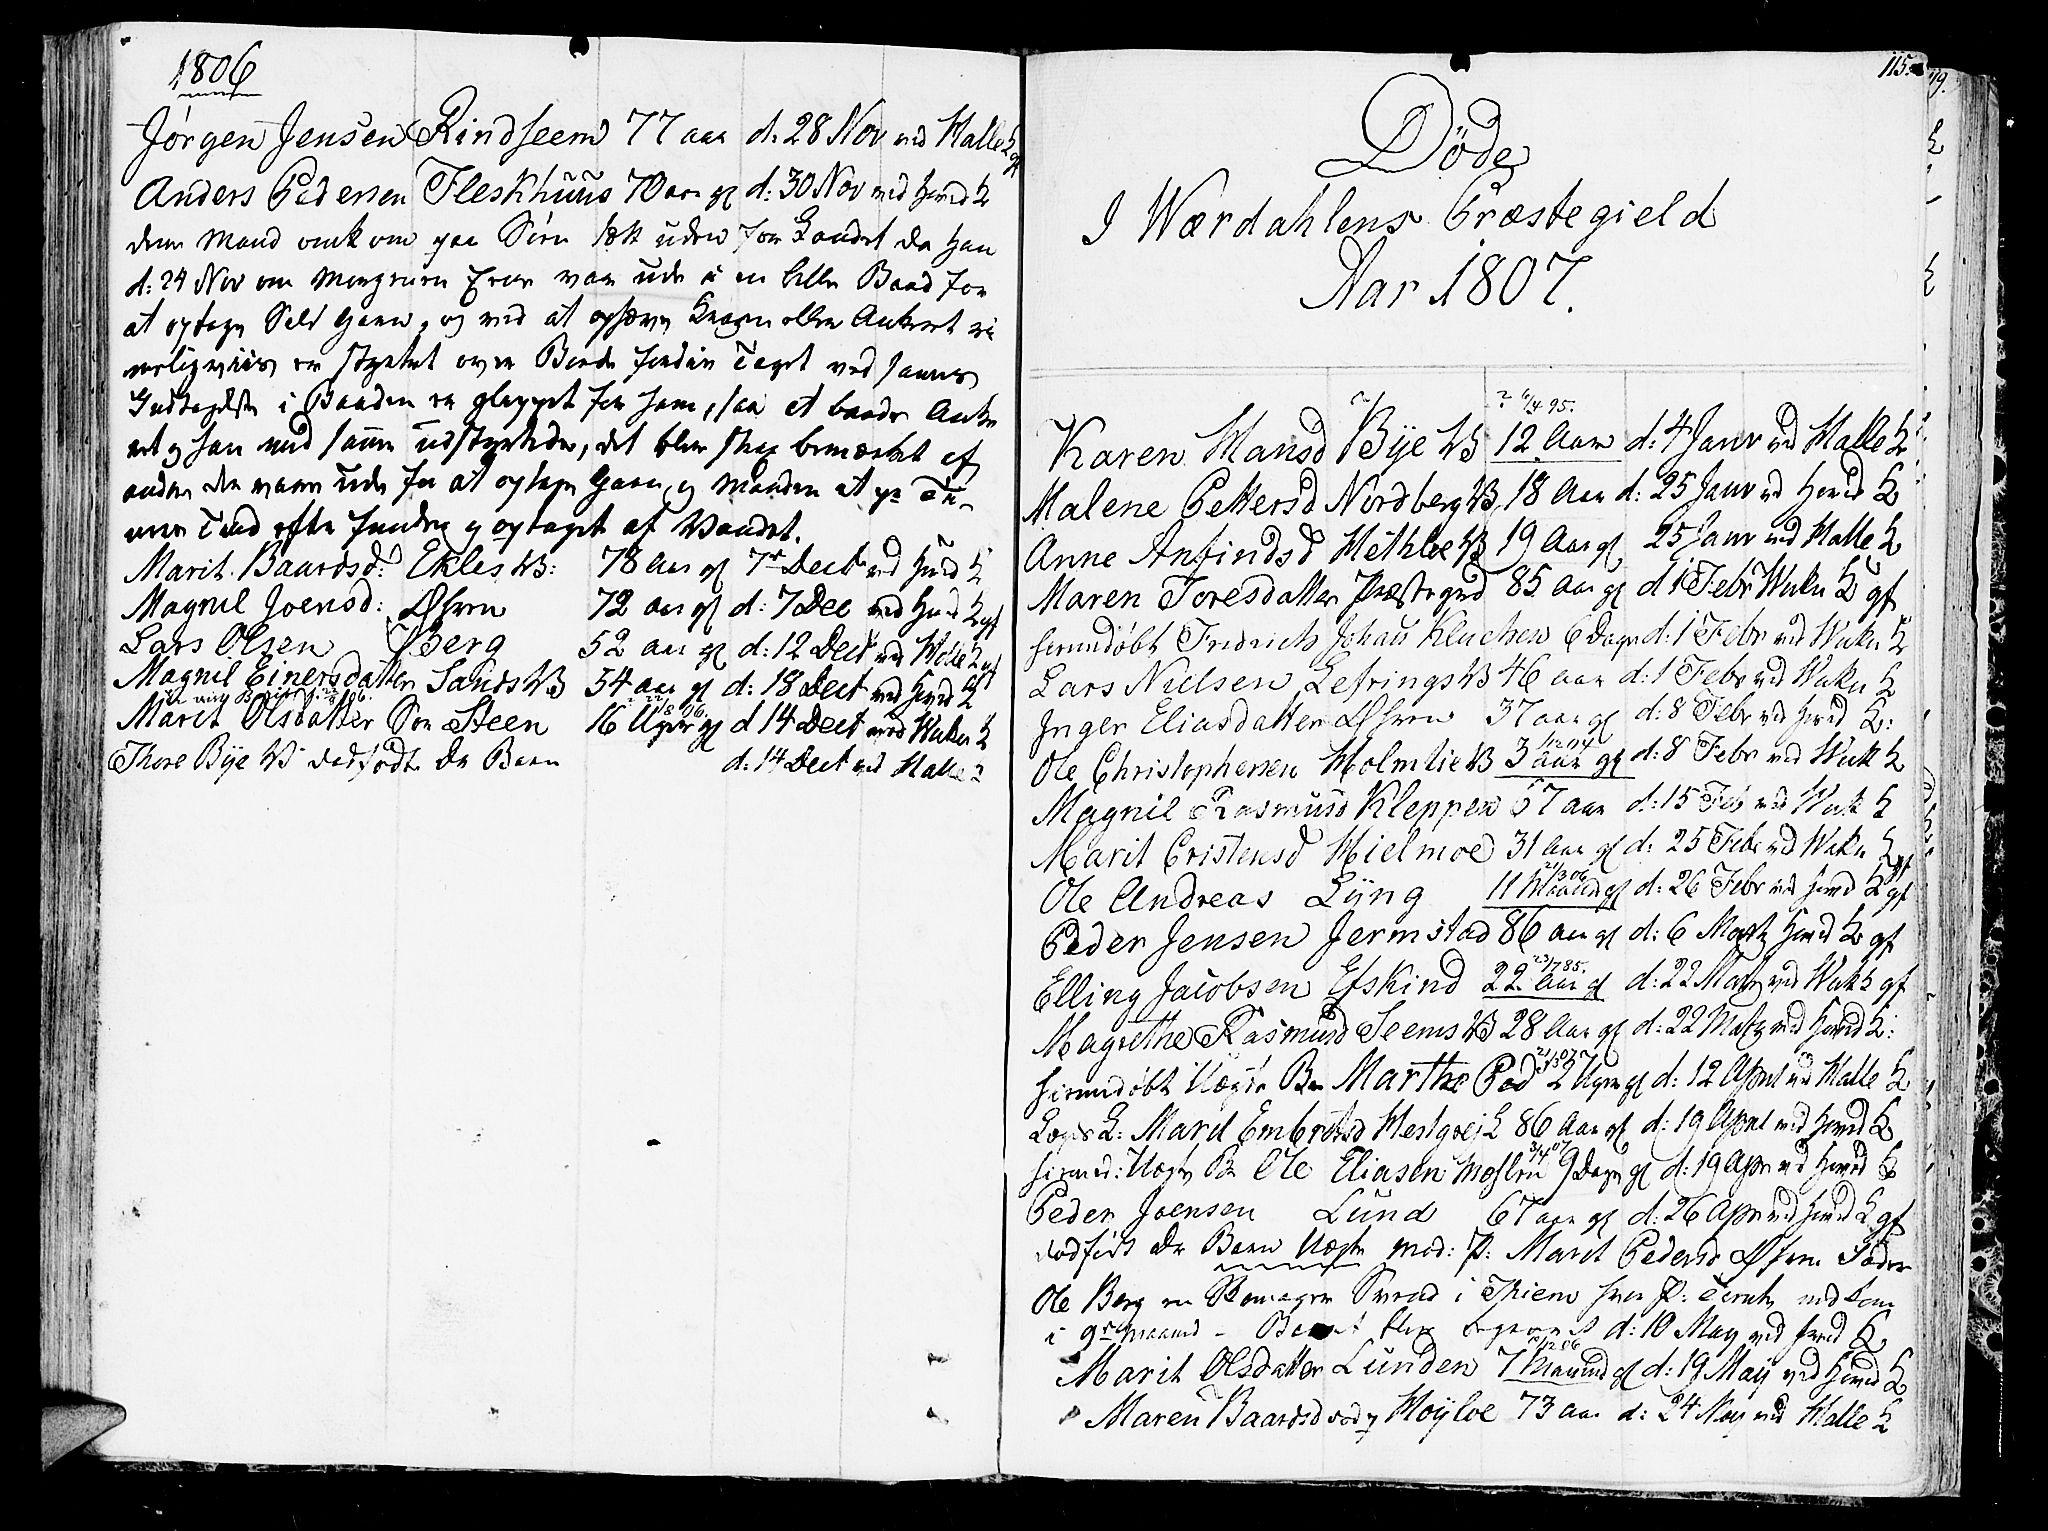 SAT, Ministerialprotokoller, klokkerbøker og fødselsregistre - Nord-Trøndelag, 723/L0233: Ministerialbok nr. 723A04, 1805-1816, s. 115